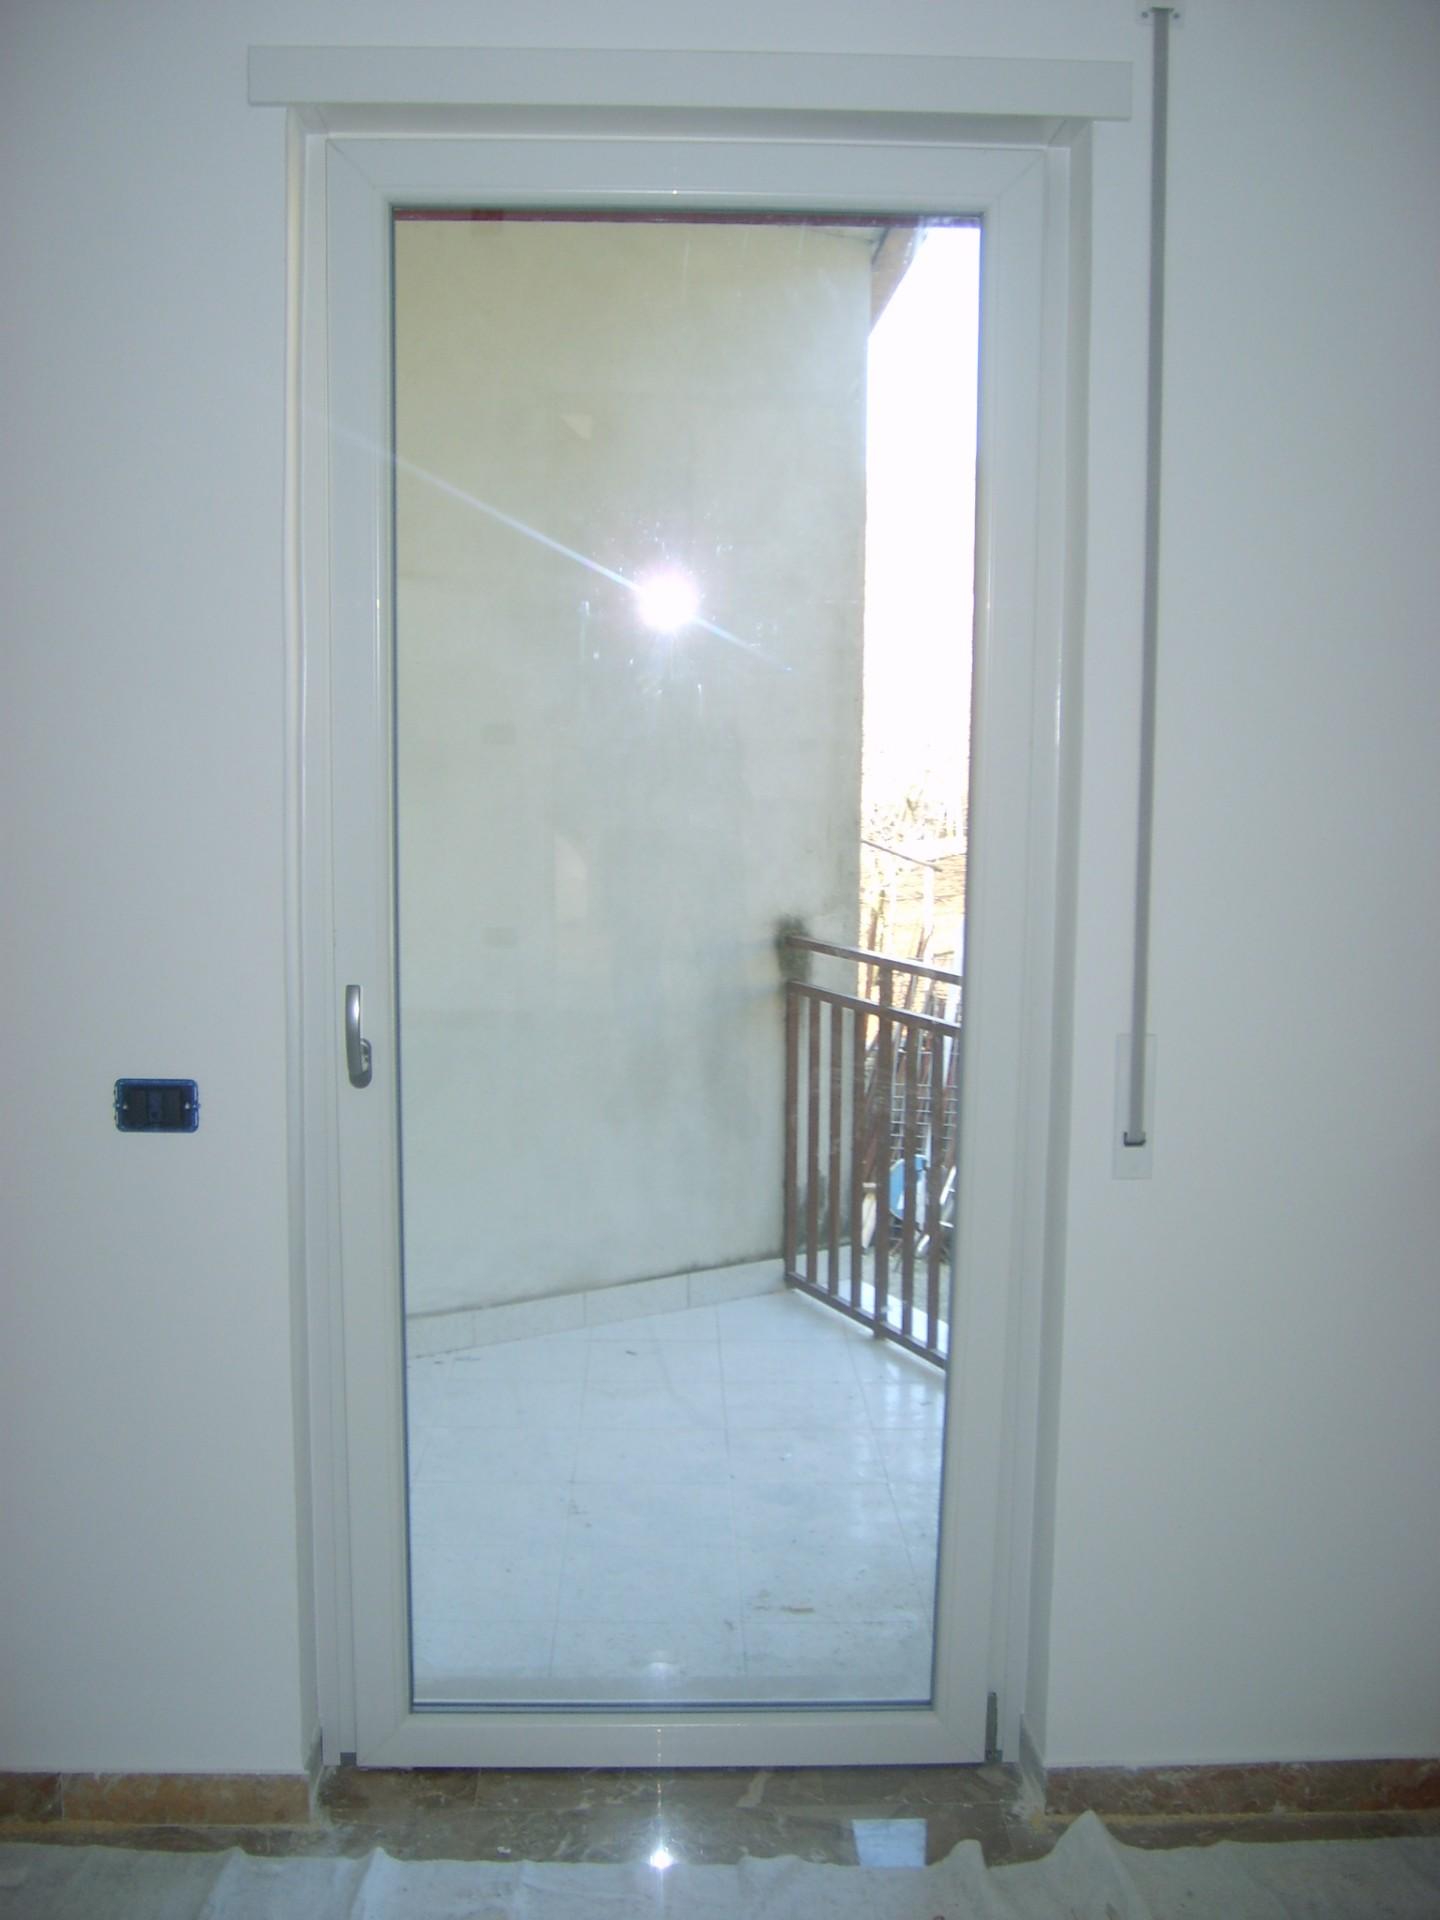 Serramenti in pvc e porte interne infix for Infix serramenti e porte